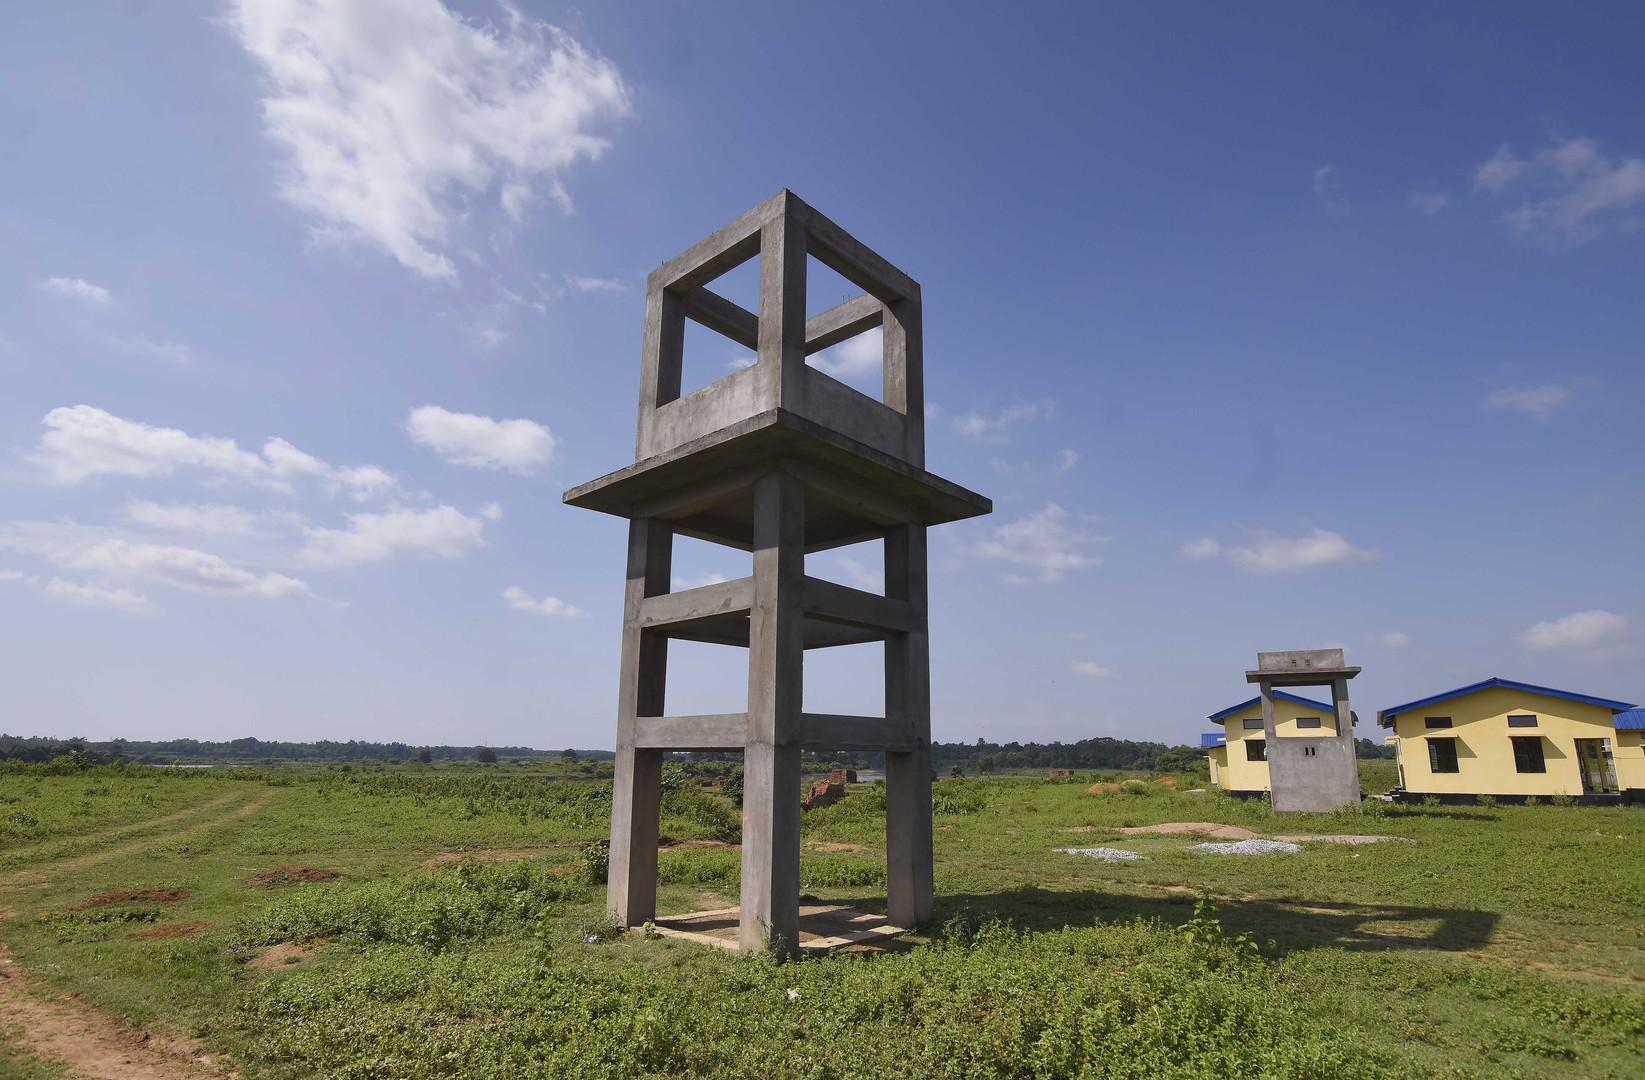 Indien baut Internierungslager für fast zwei Millionen Ausgebürgerte in Assam